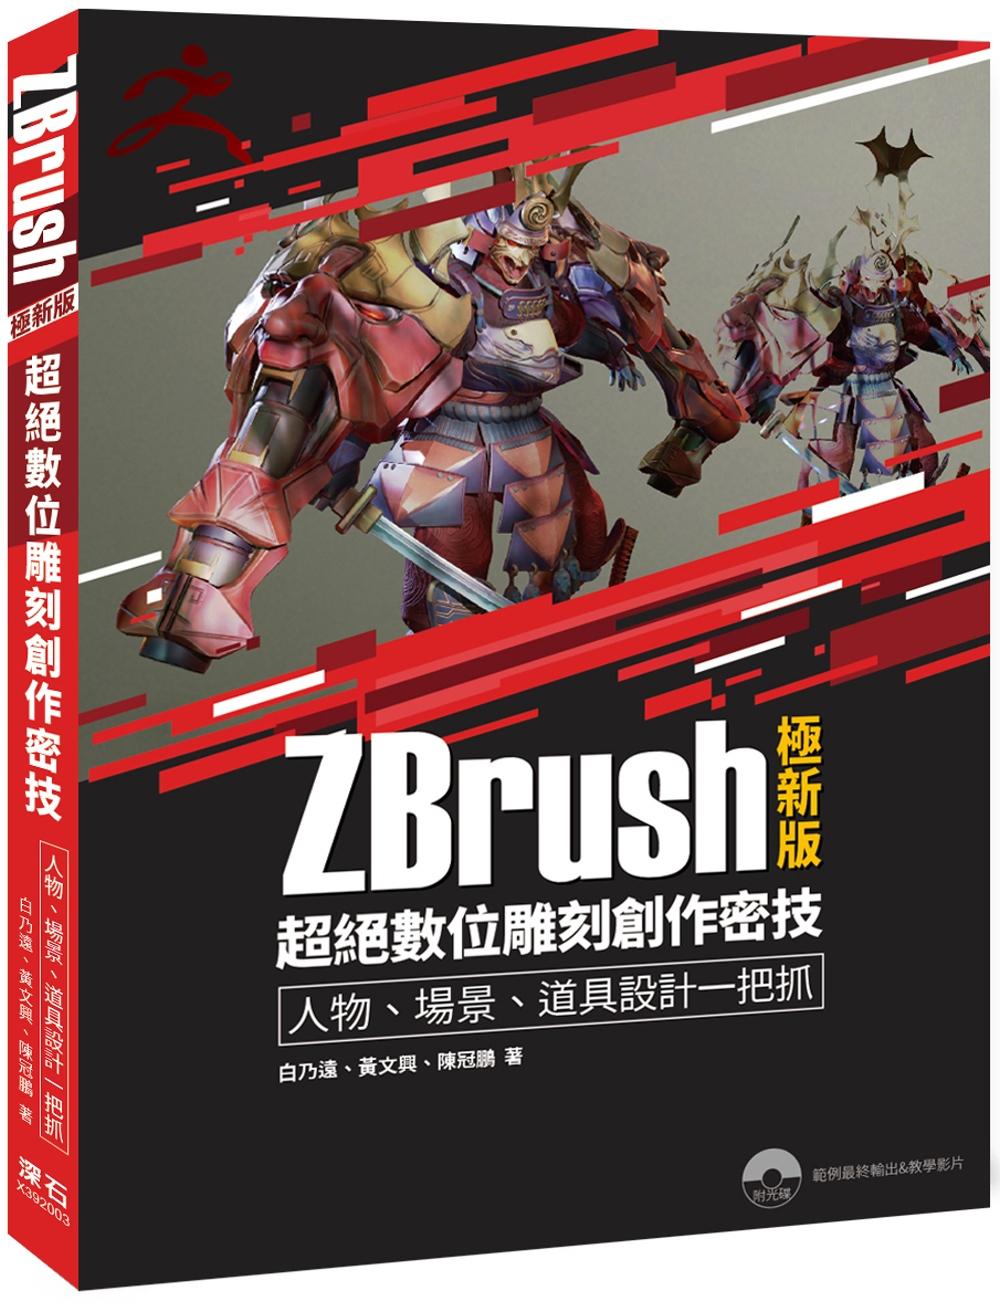 ZBrush極新版:超絕數位雕刻創作密技 人物、場景、道具設計一把抓